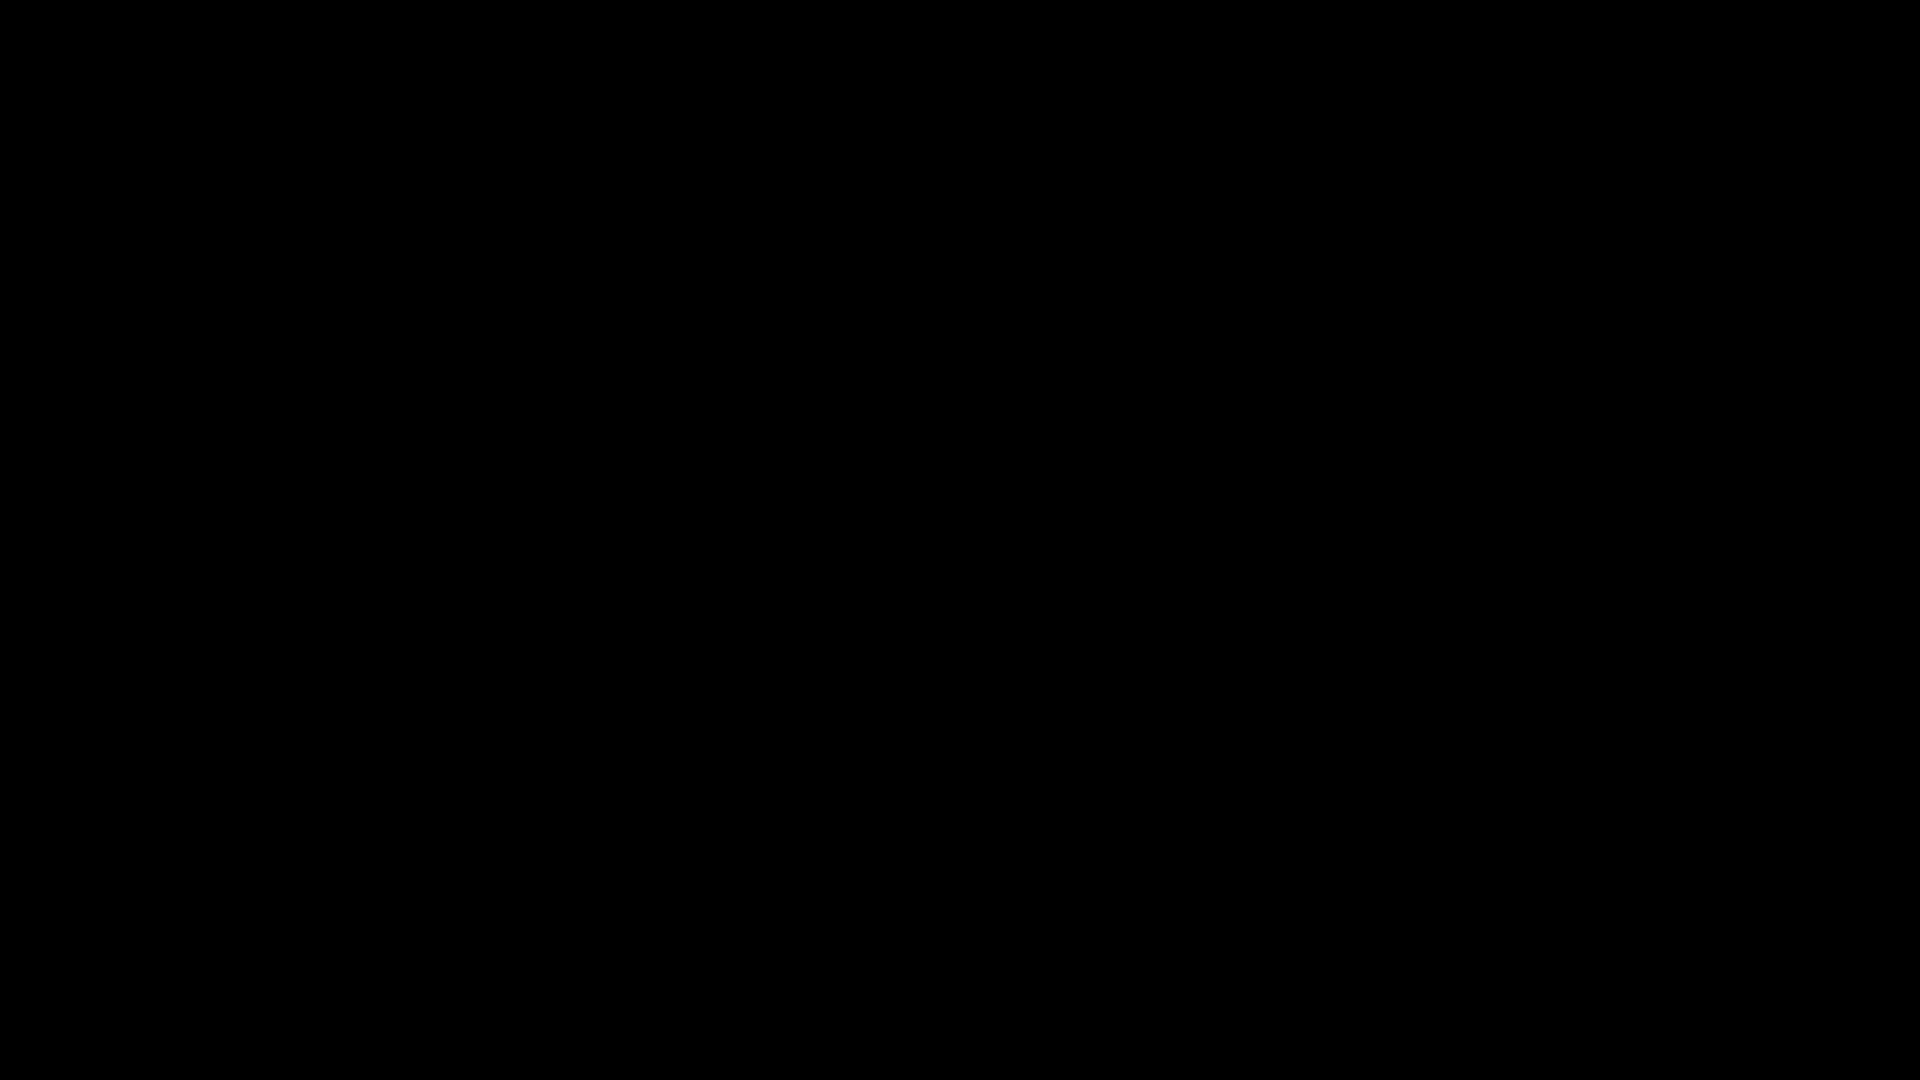 潜入!!韓国秘密のトイレ!Vol.01 潜入 われめAV動画紹介 98pic 4